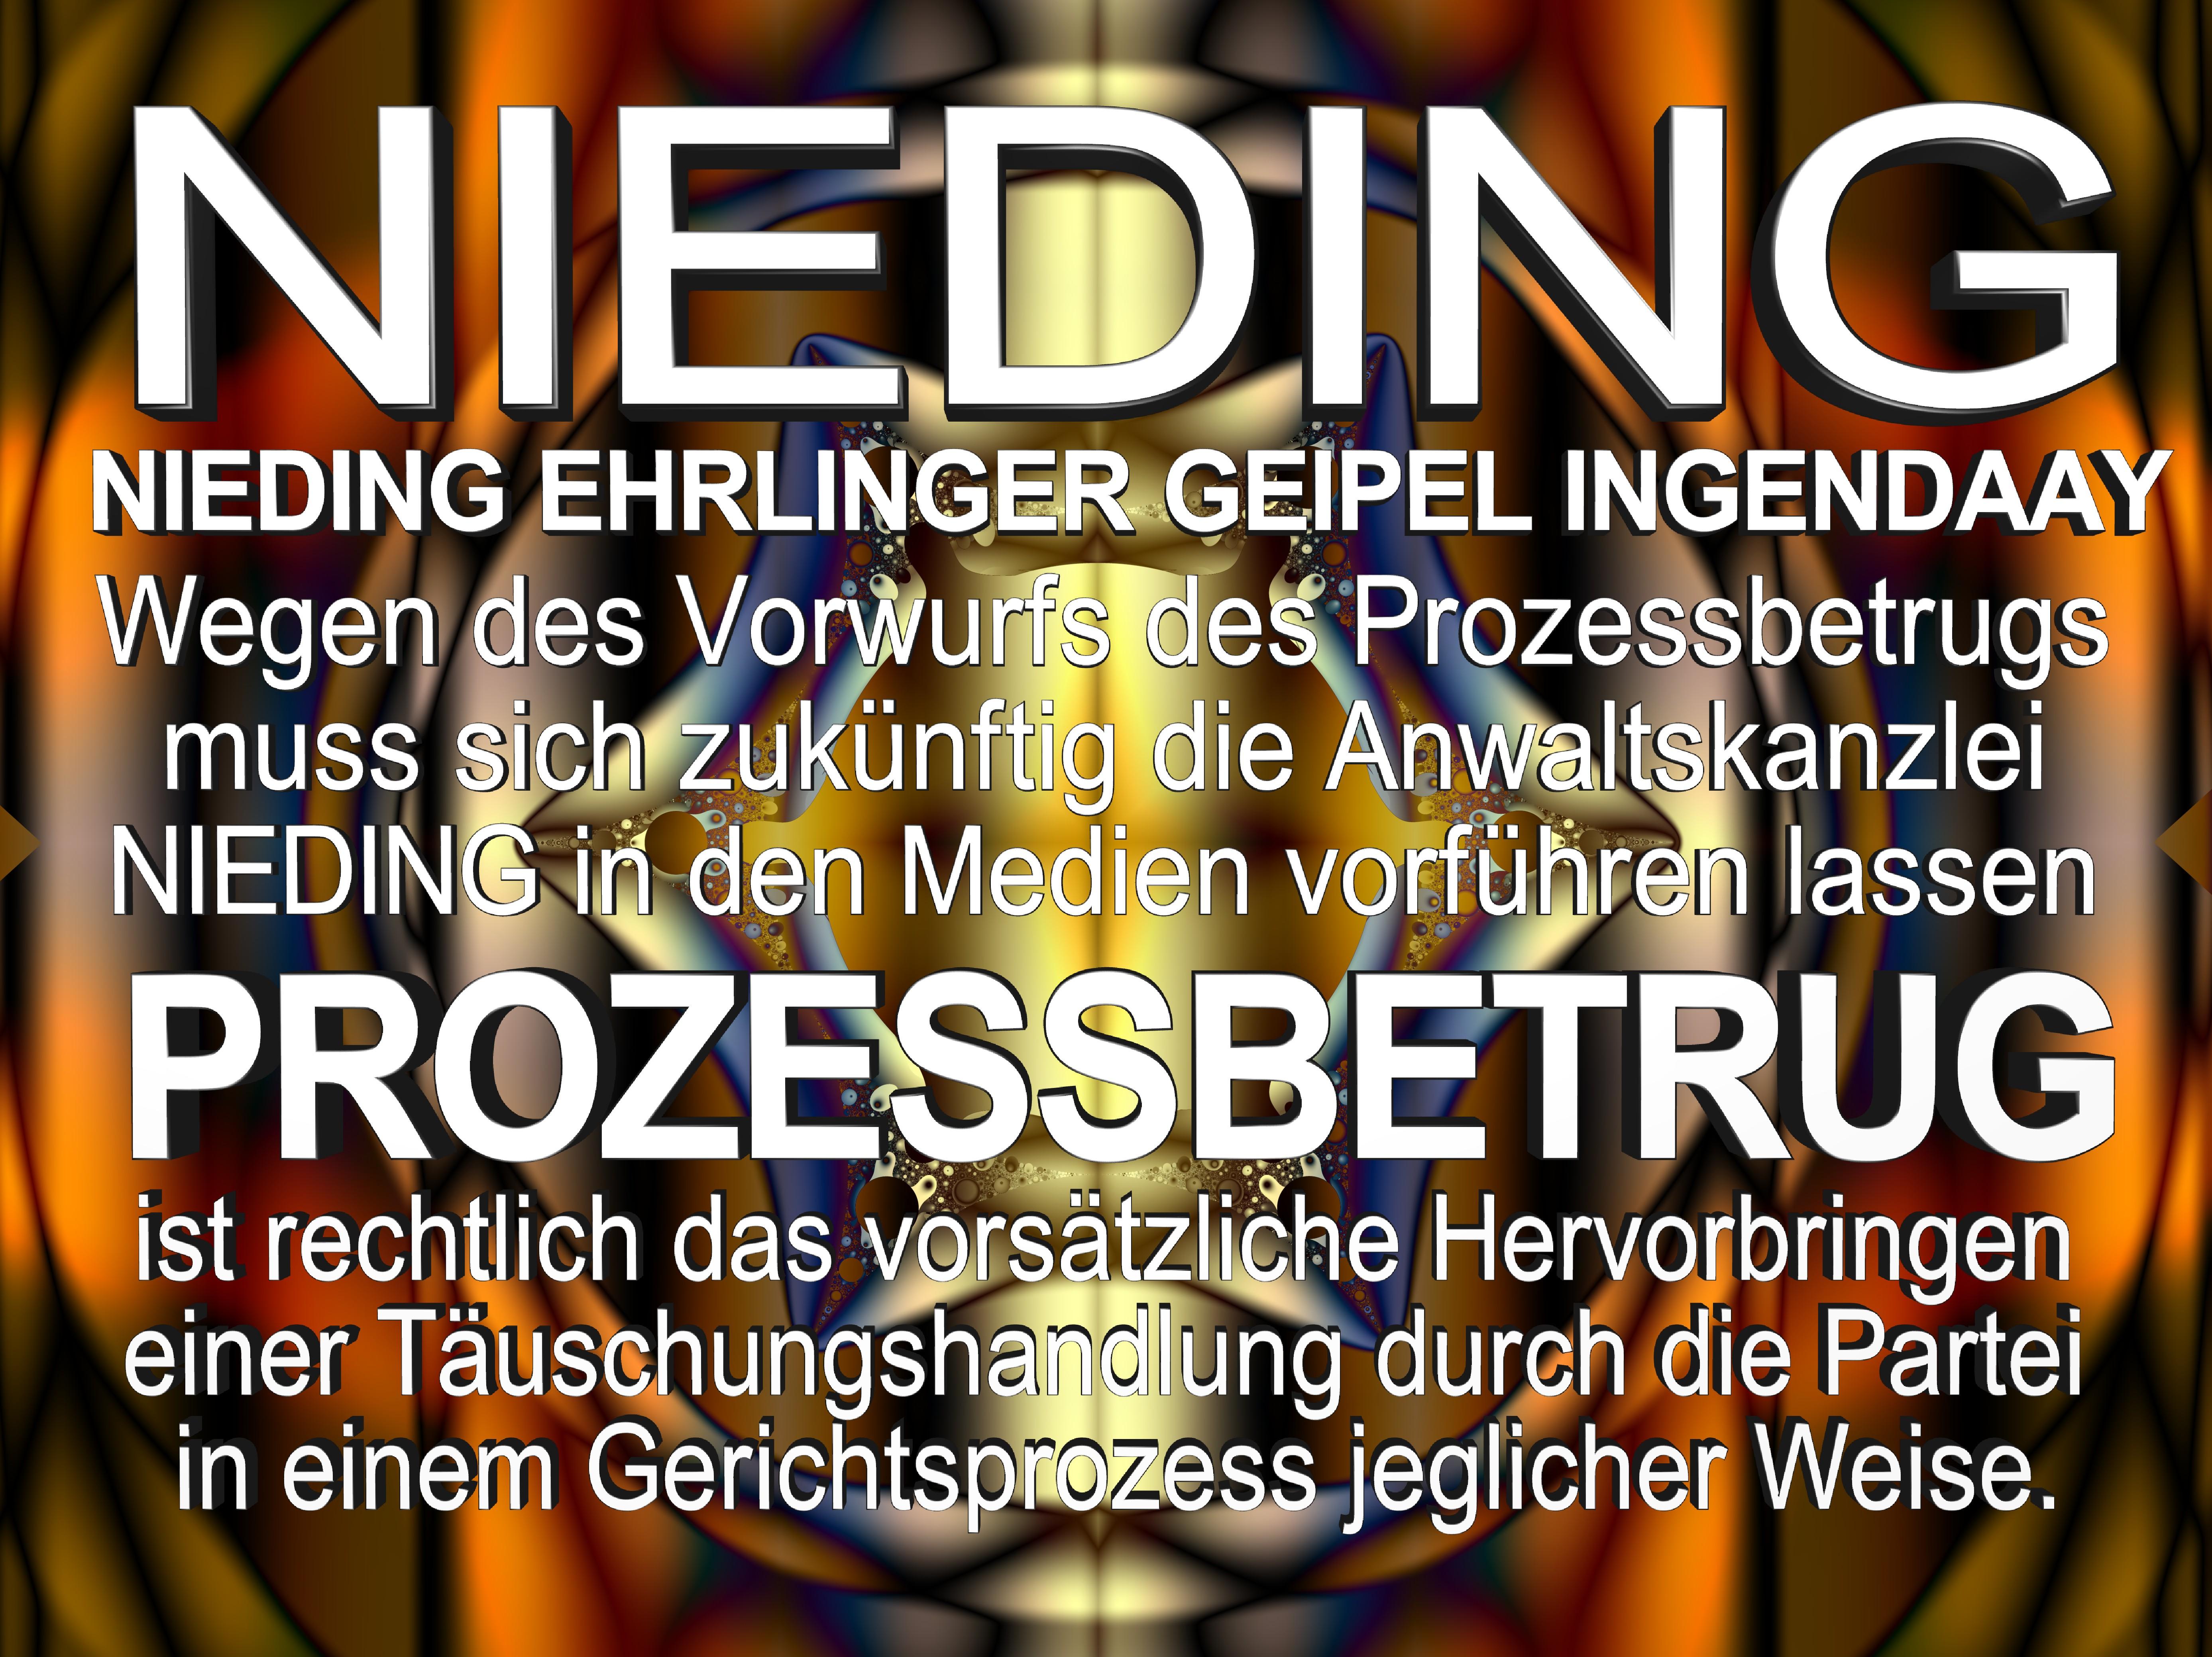 NIEDING EHRLINGER GEIPEL INGENDAAY LELKE Kurfürstendamm 66 Berlin (202)